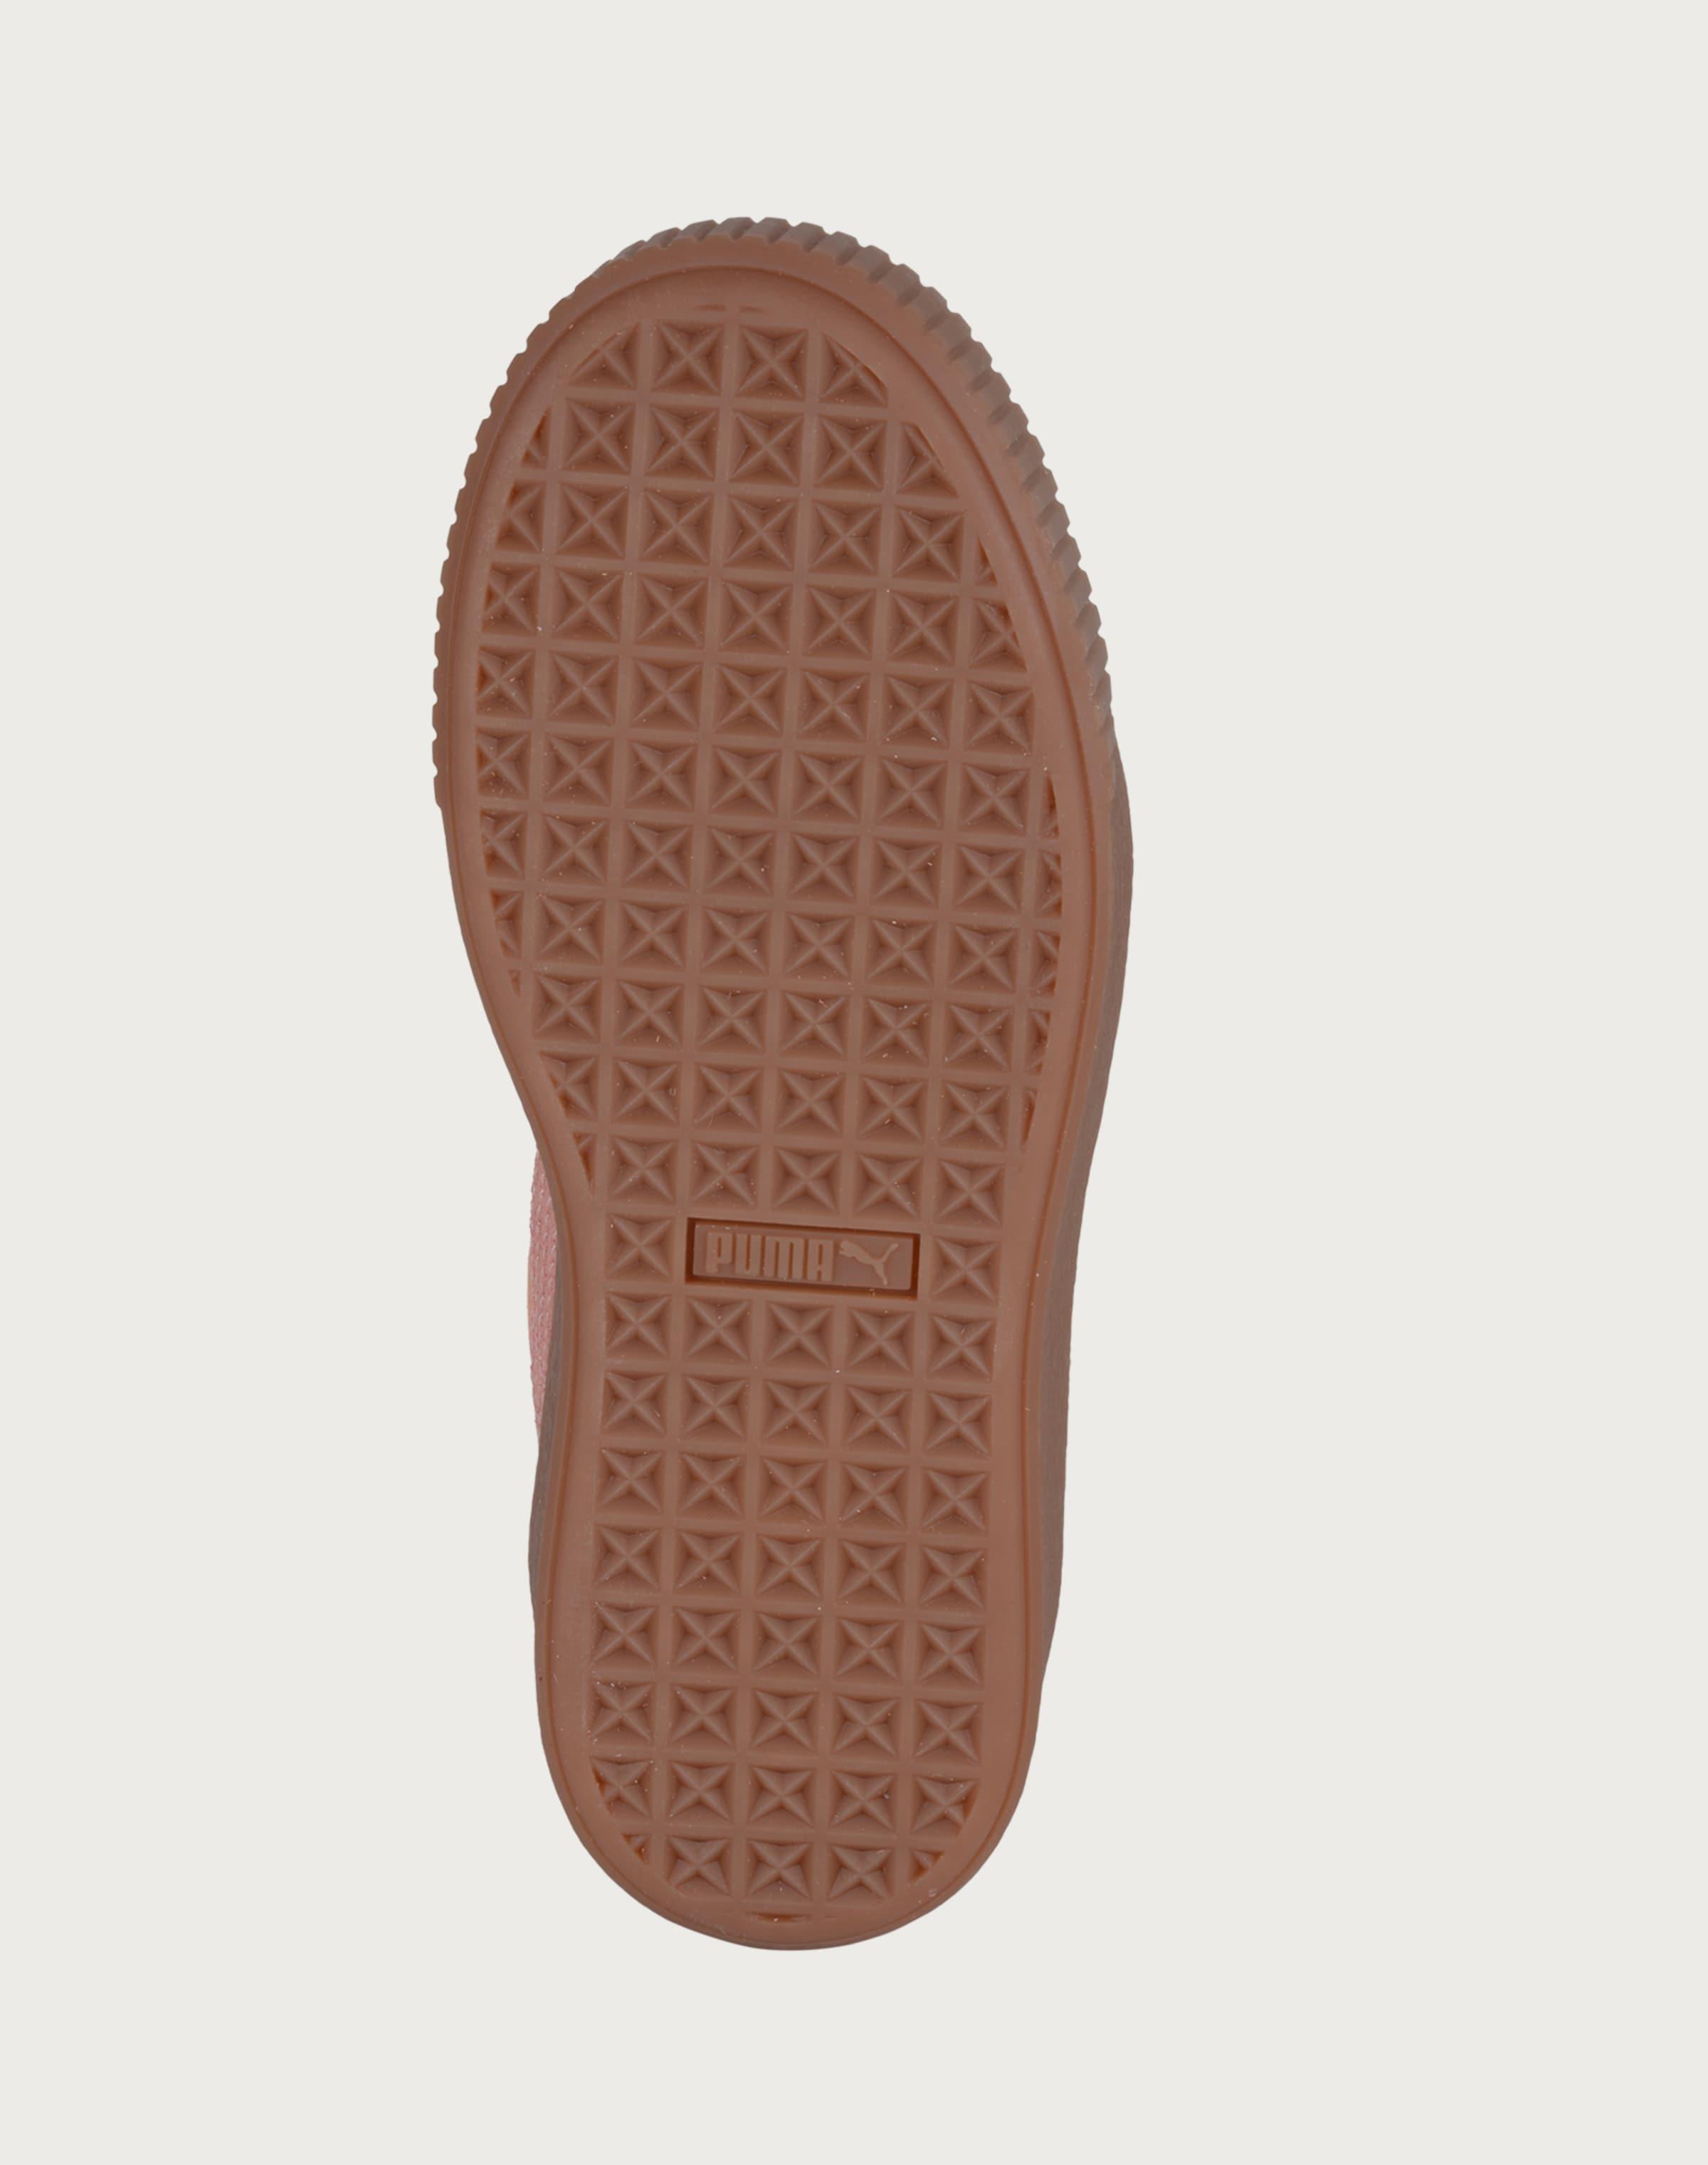 Natürlich Und Frei Billig Günstig Online PUMA Platform-Sneakers 'Animal' Preiswerte Neue Spielraum Online 2018 Unisex Günstig Online usR4OJ